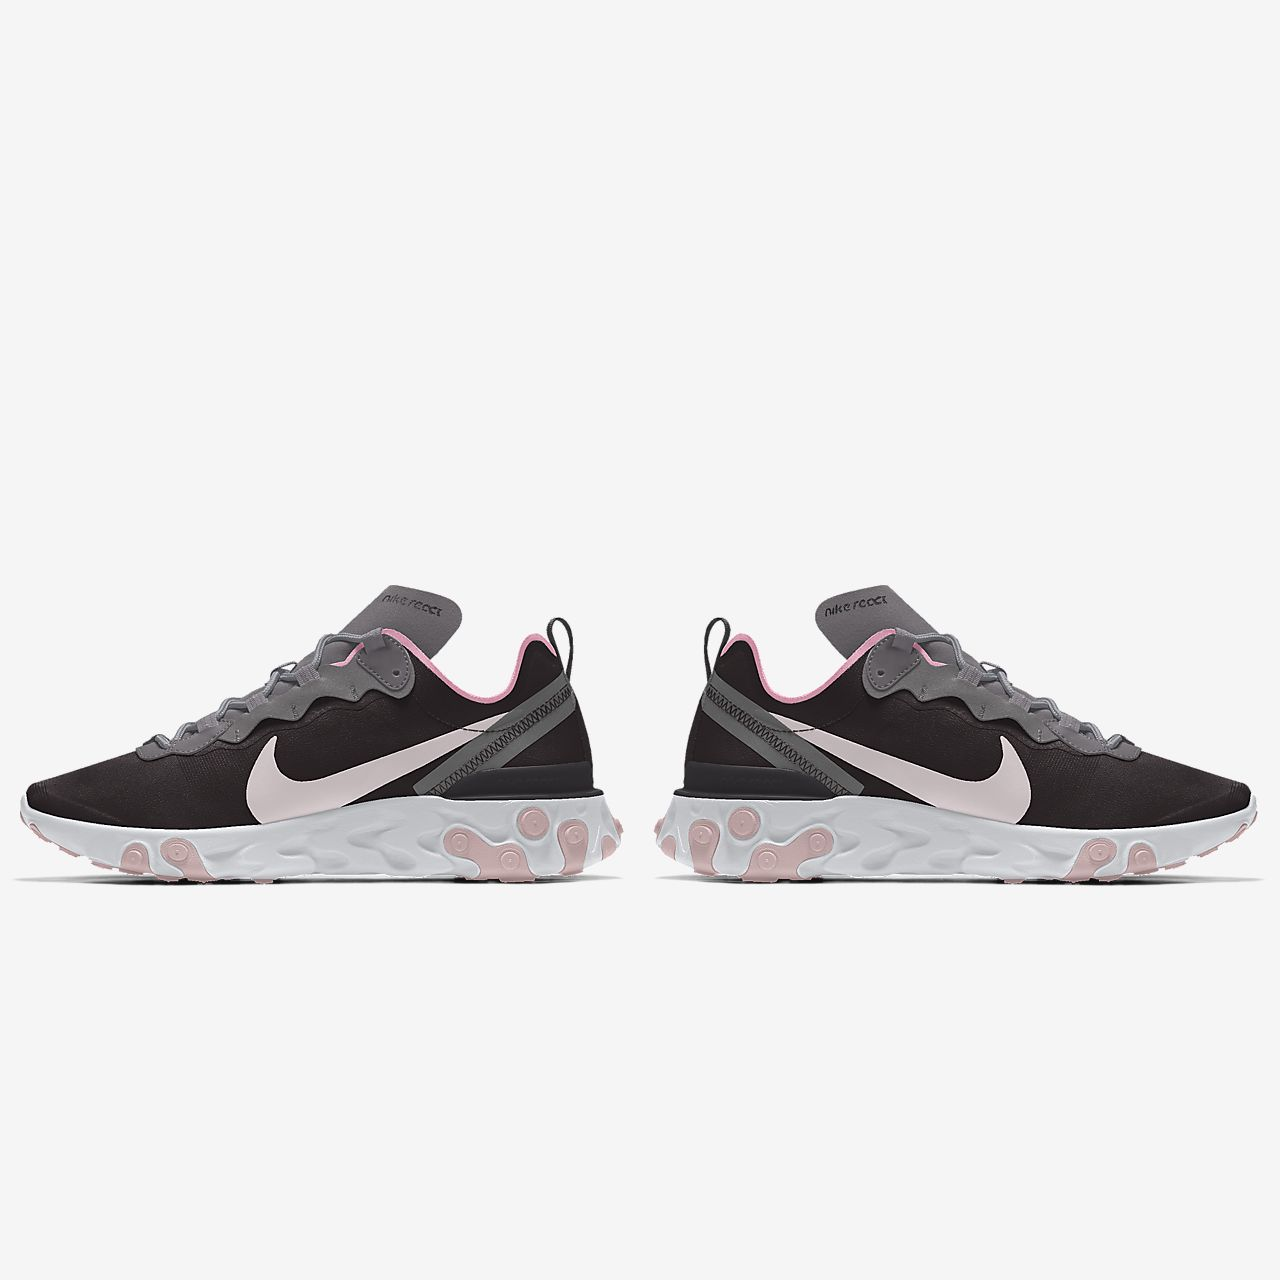 Nike React Element 55 By You tilpasset fritidssko til dame